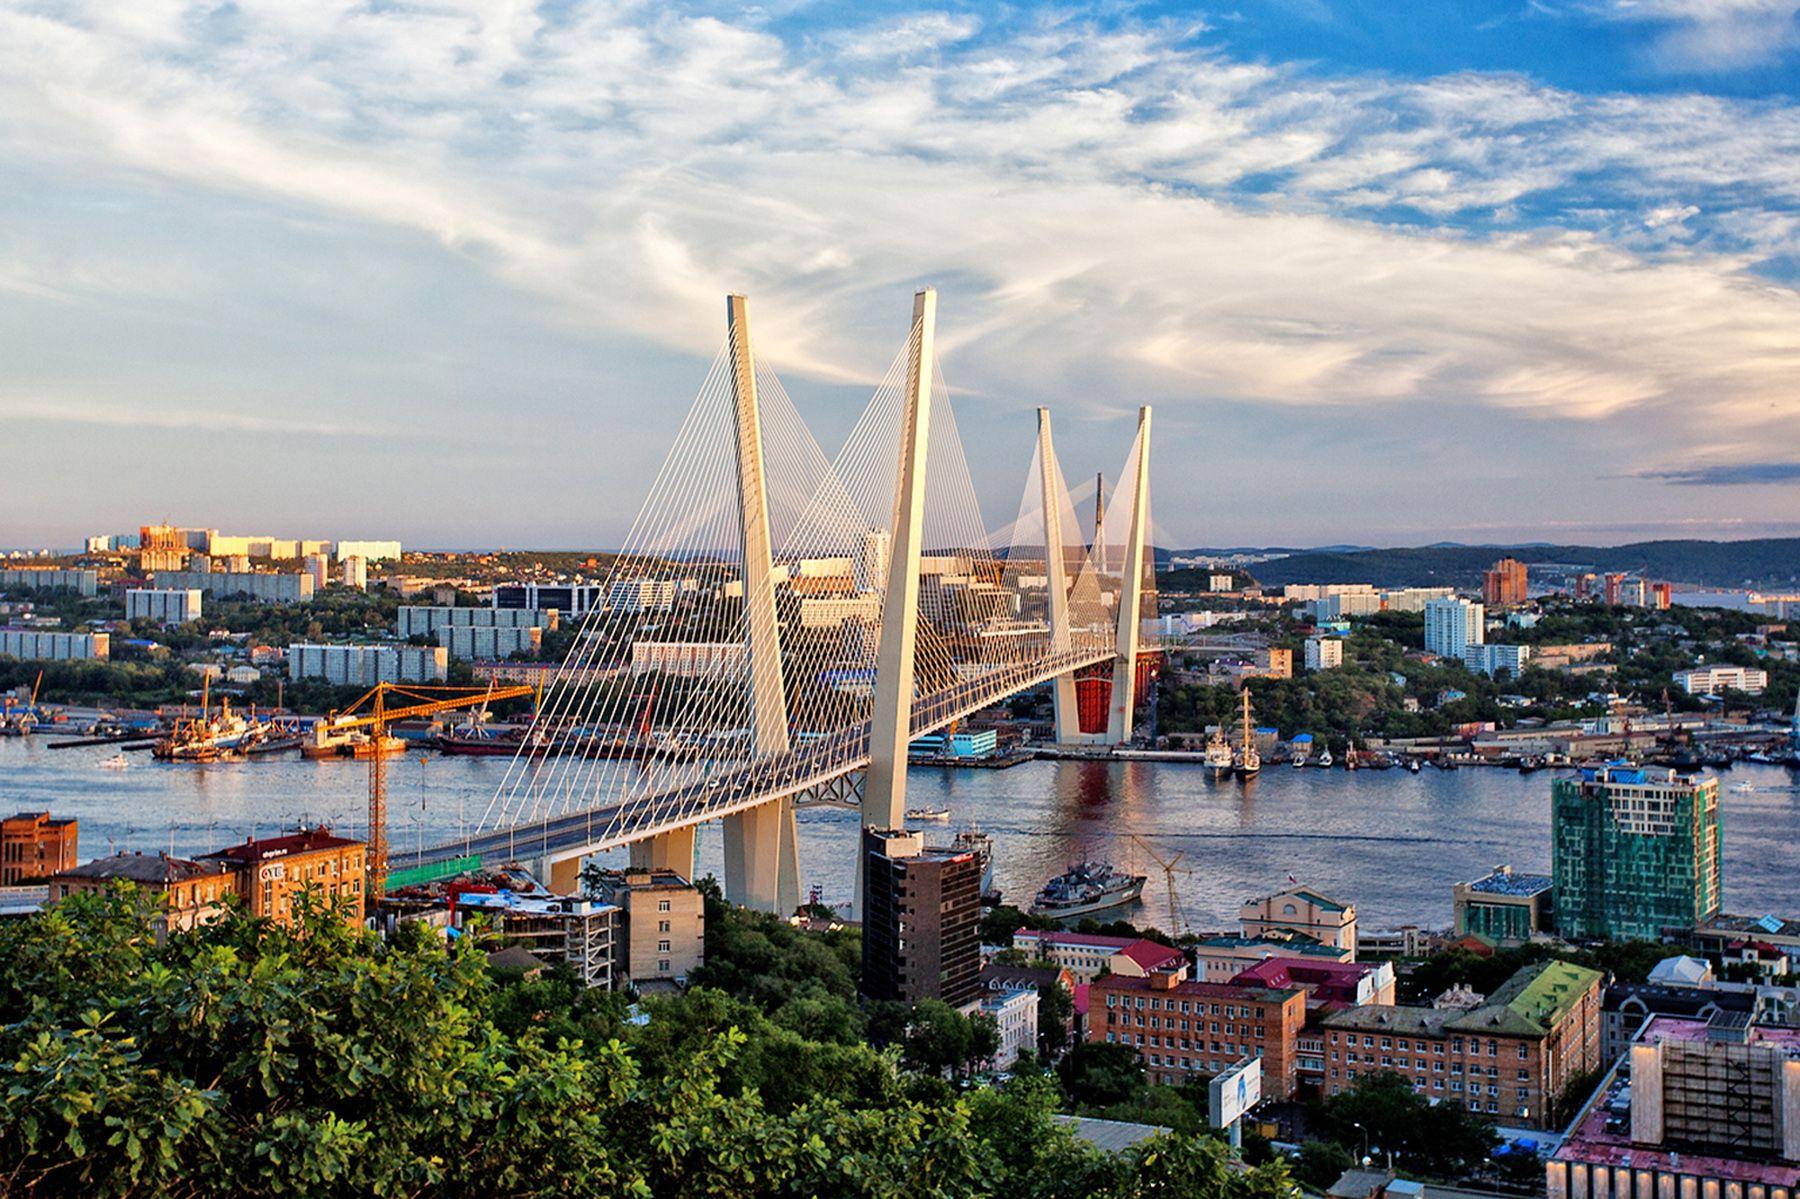 The Pacific Gate of Russia во ВГУЭС для студентов из США: спецкурс по развитию Дальнего Востока и его столицы